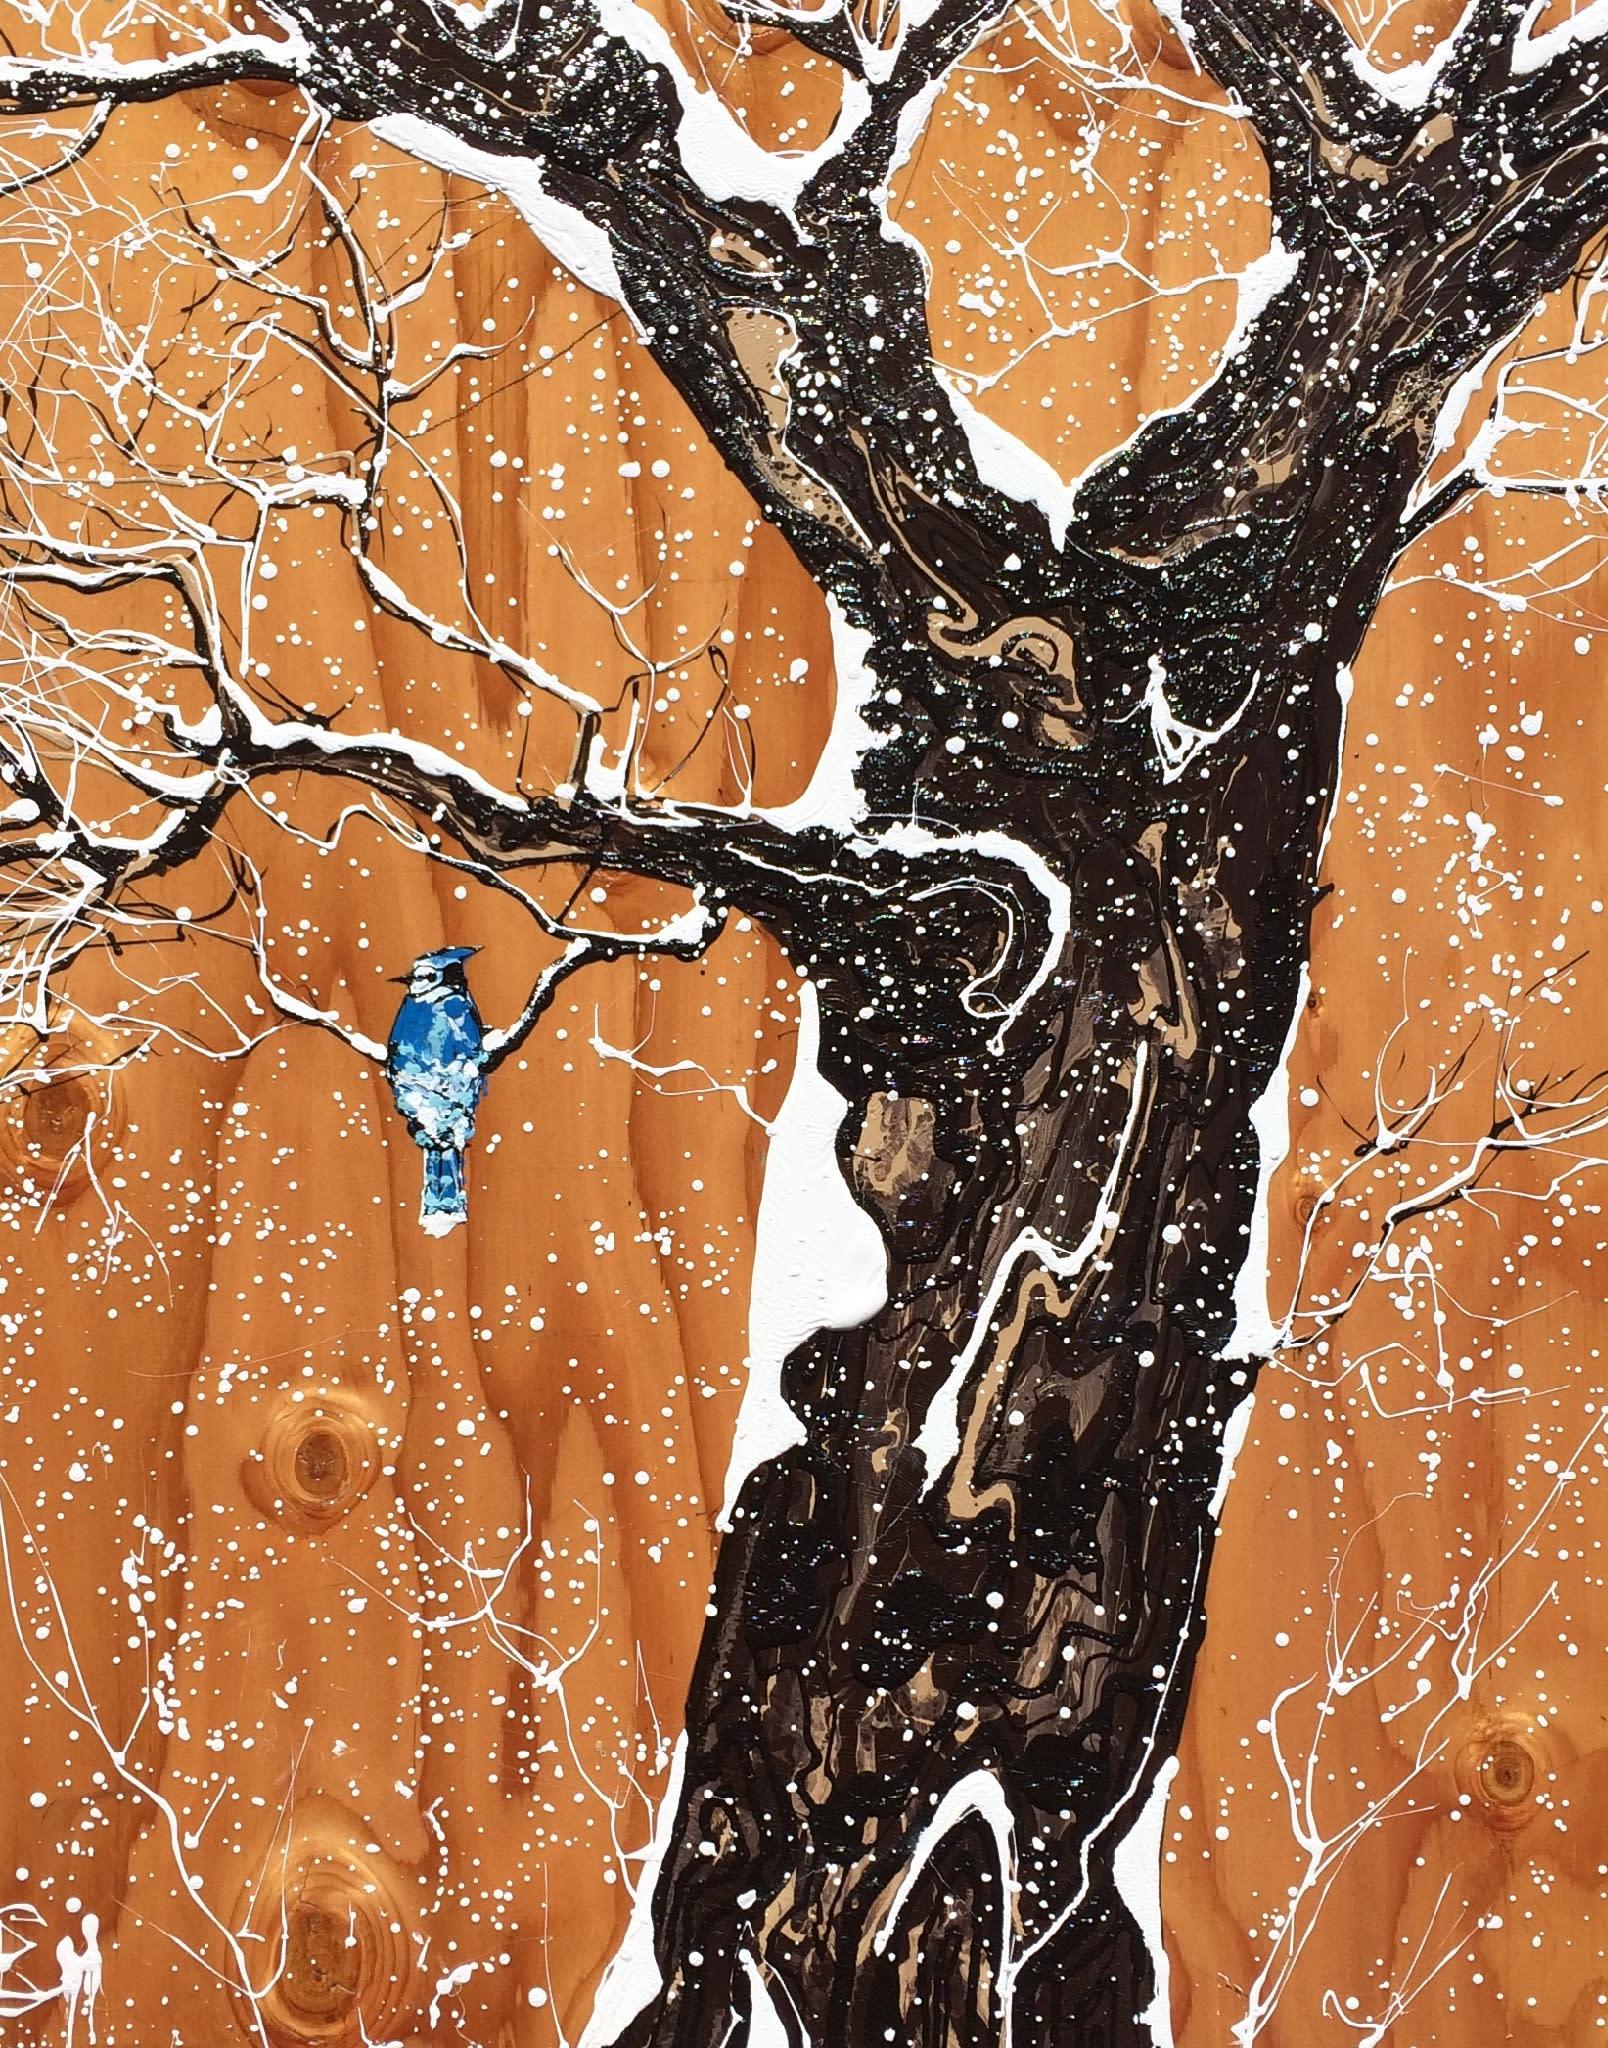 Blue jay in winter 24x30 tiht5f